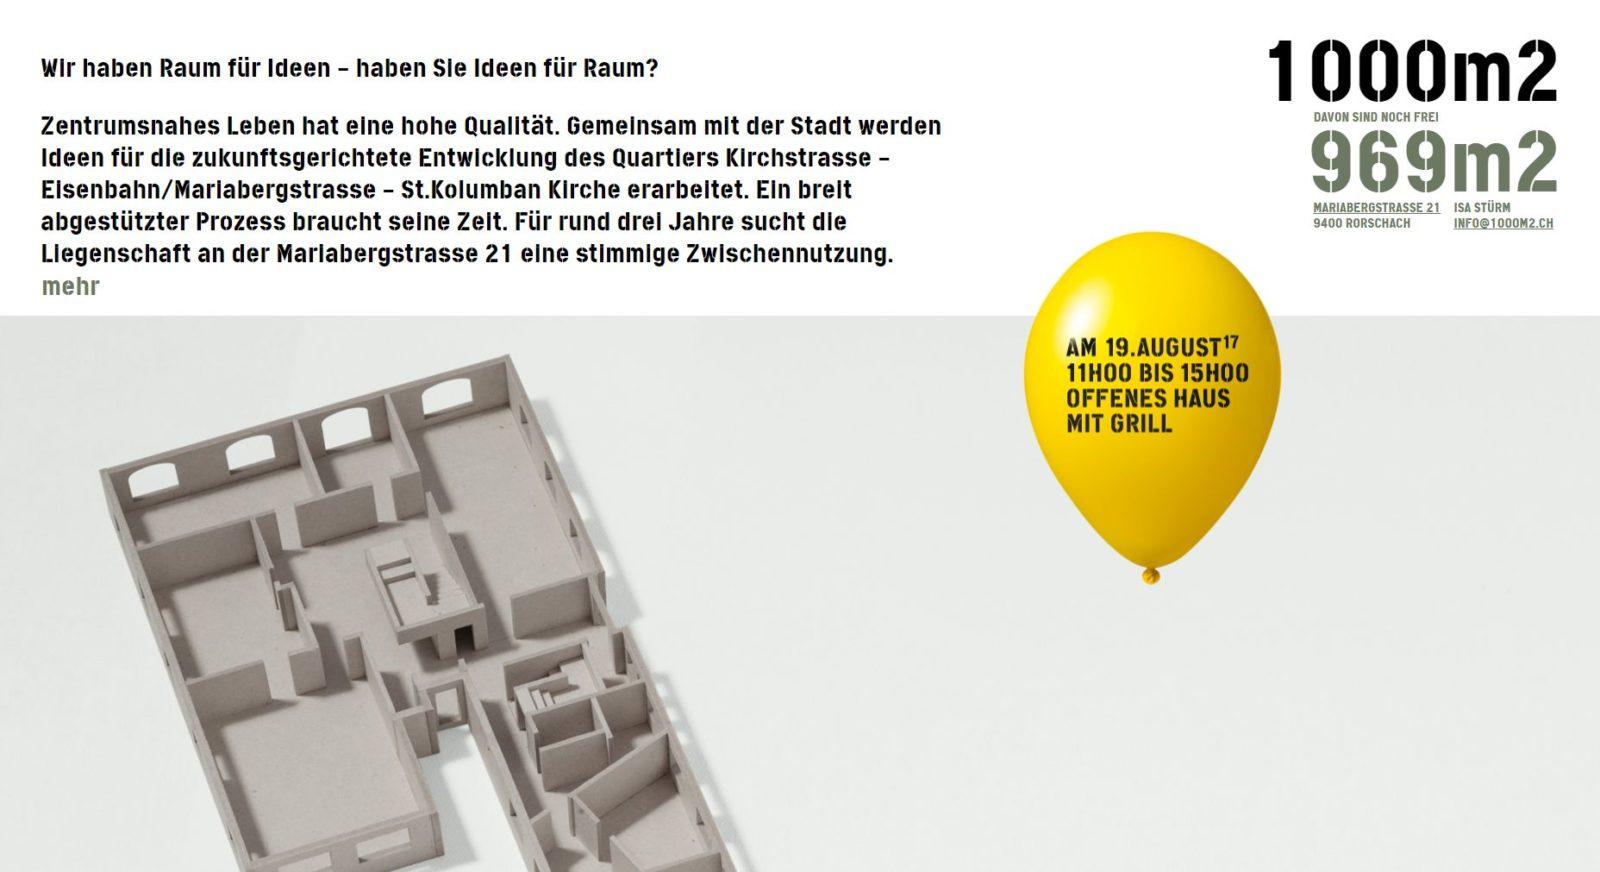 Gute Ideen für 1000 m2 gesucht – Rorschacher Echo